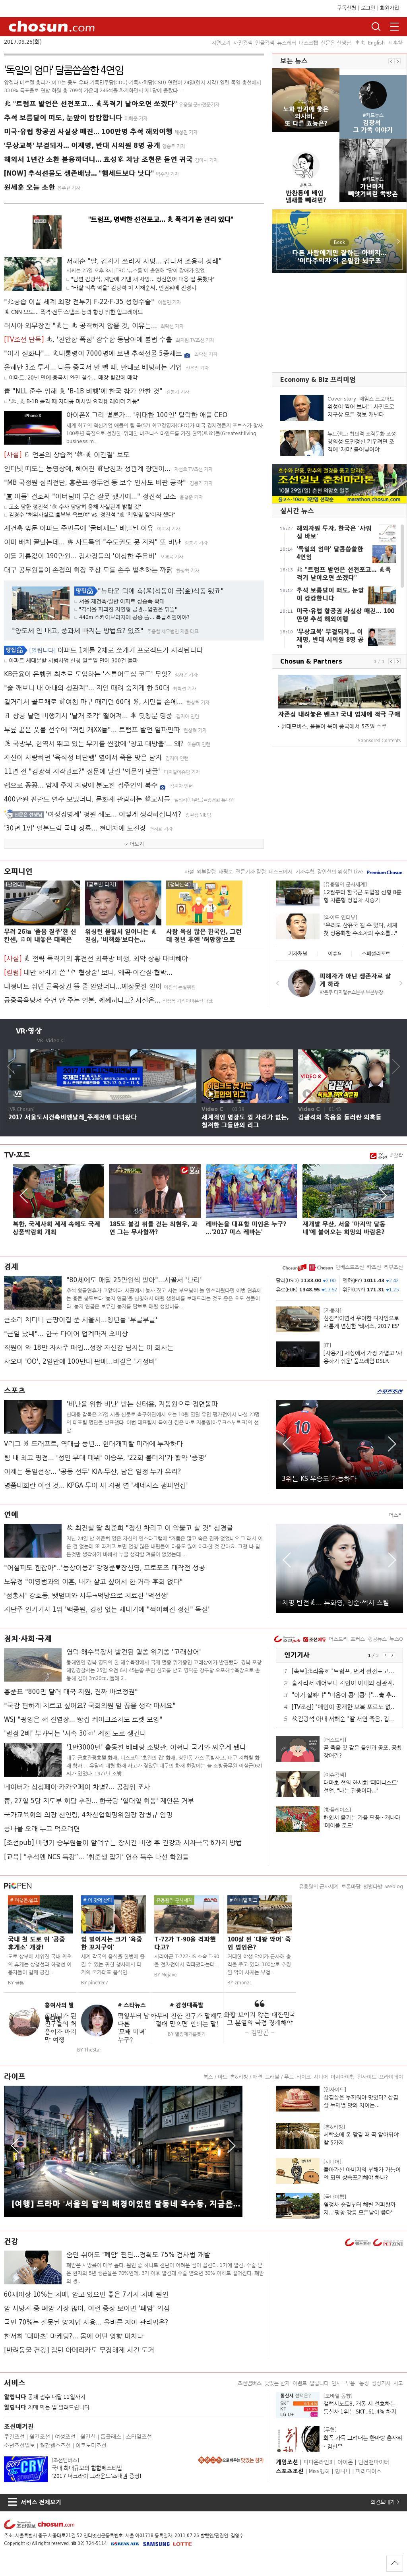 chosun.com at Monday Sept. 25, 2017, 8:14 p.m. UTC